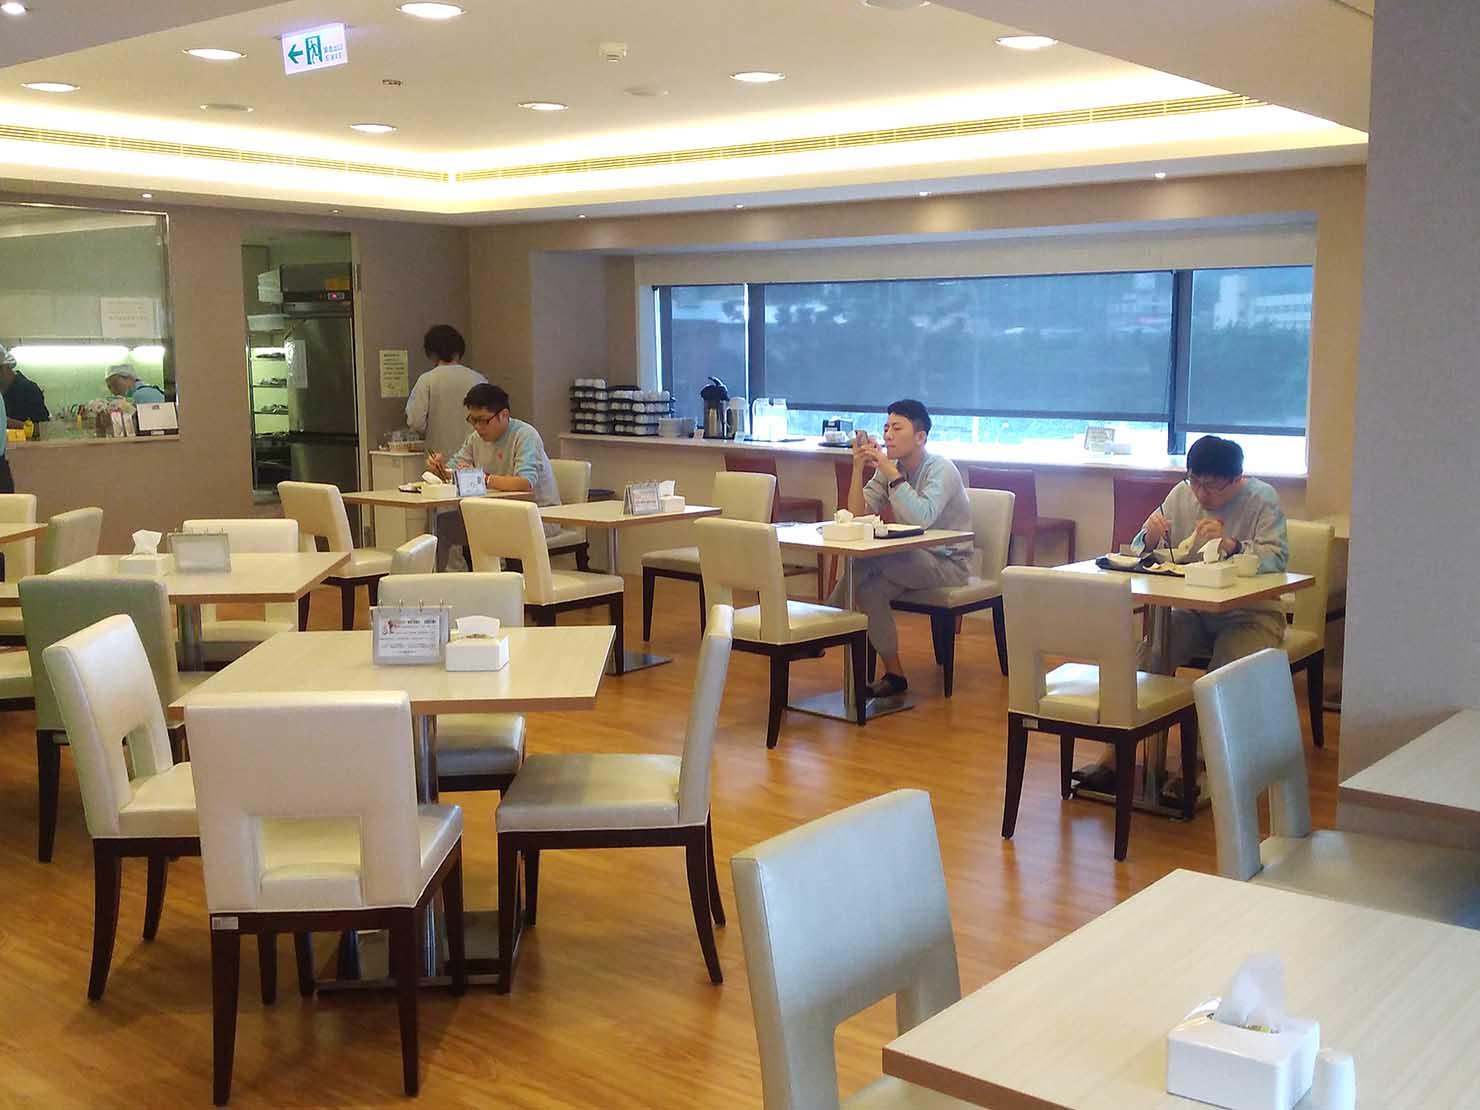 台湾の健康診断センター「國泰健康管理」のカフェテリア